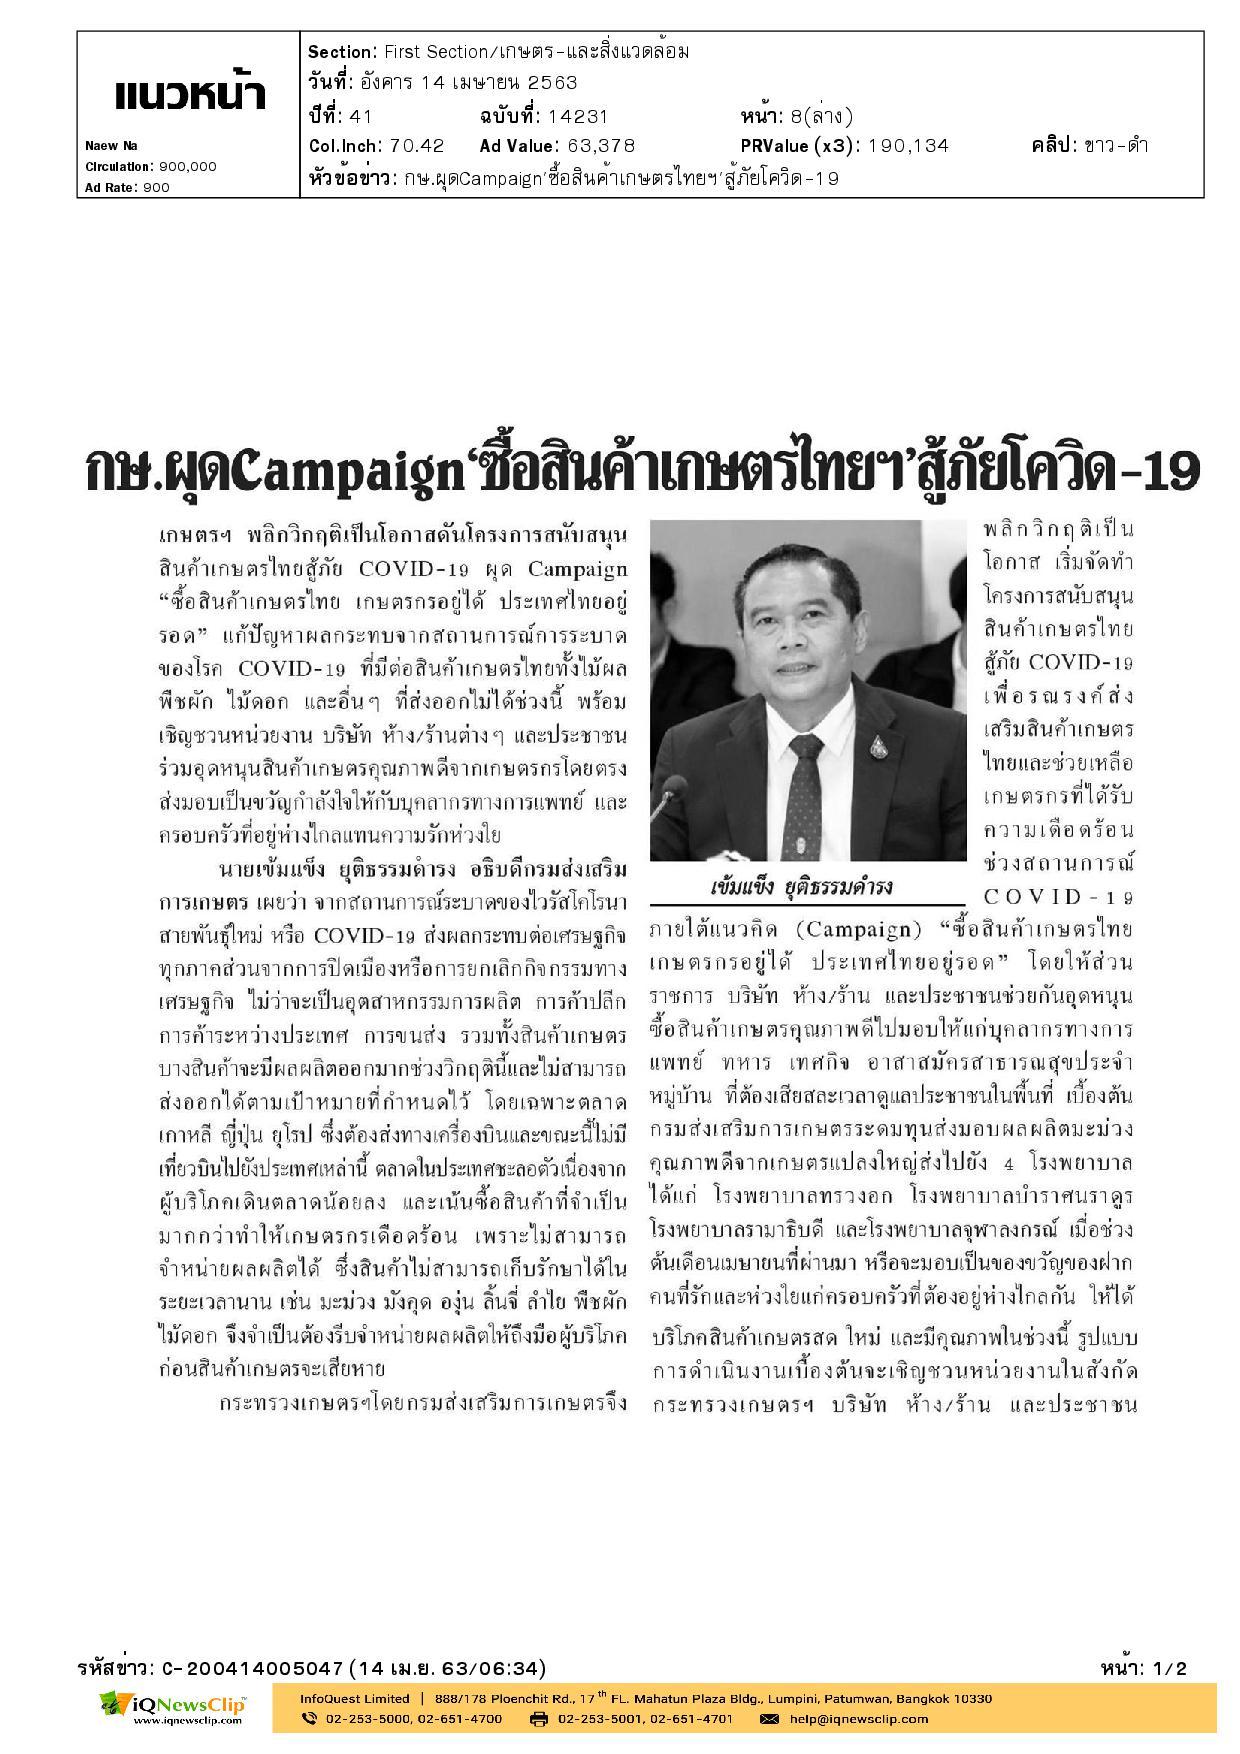 กษ.ผุด Campaign ซื้อสินค้าเกษตรไทยฯ สู้ภัยโควิด-19